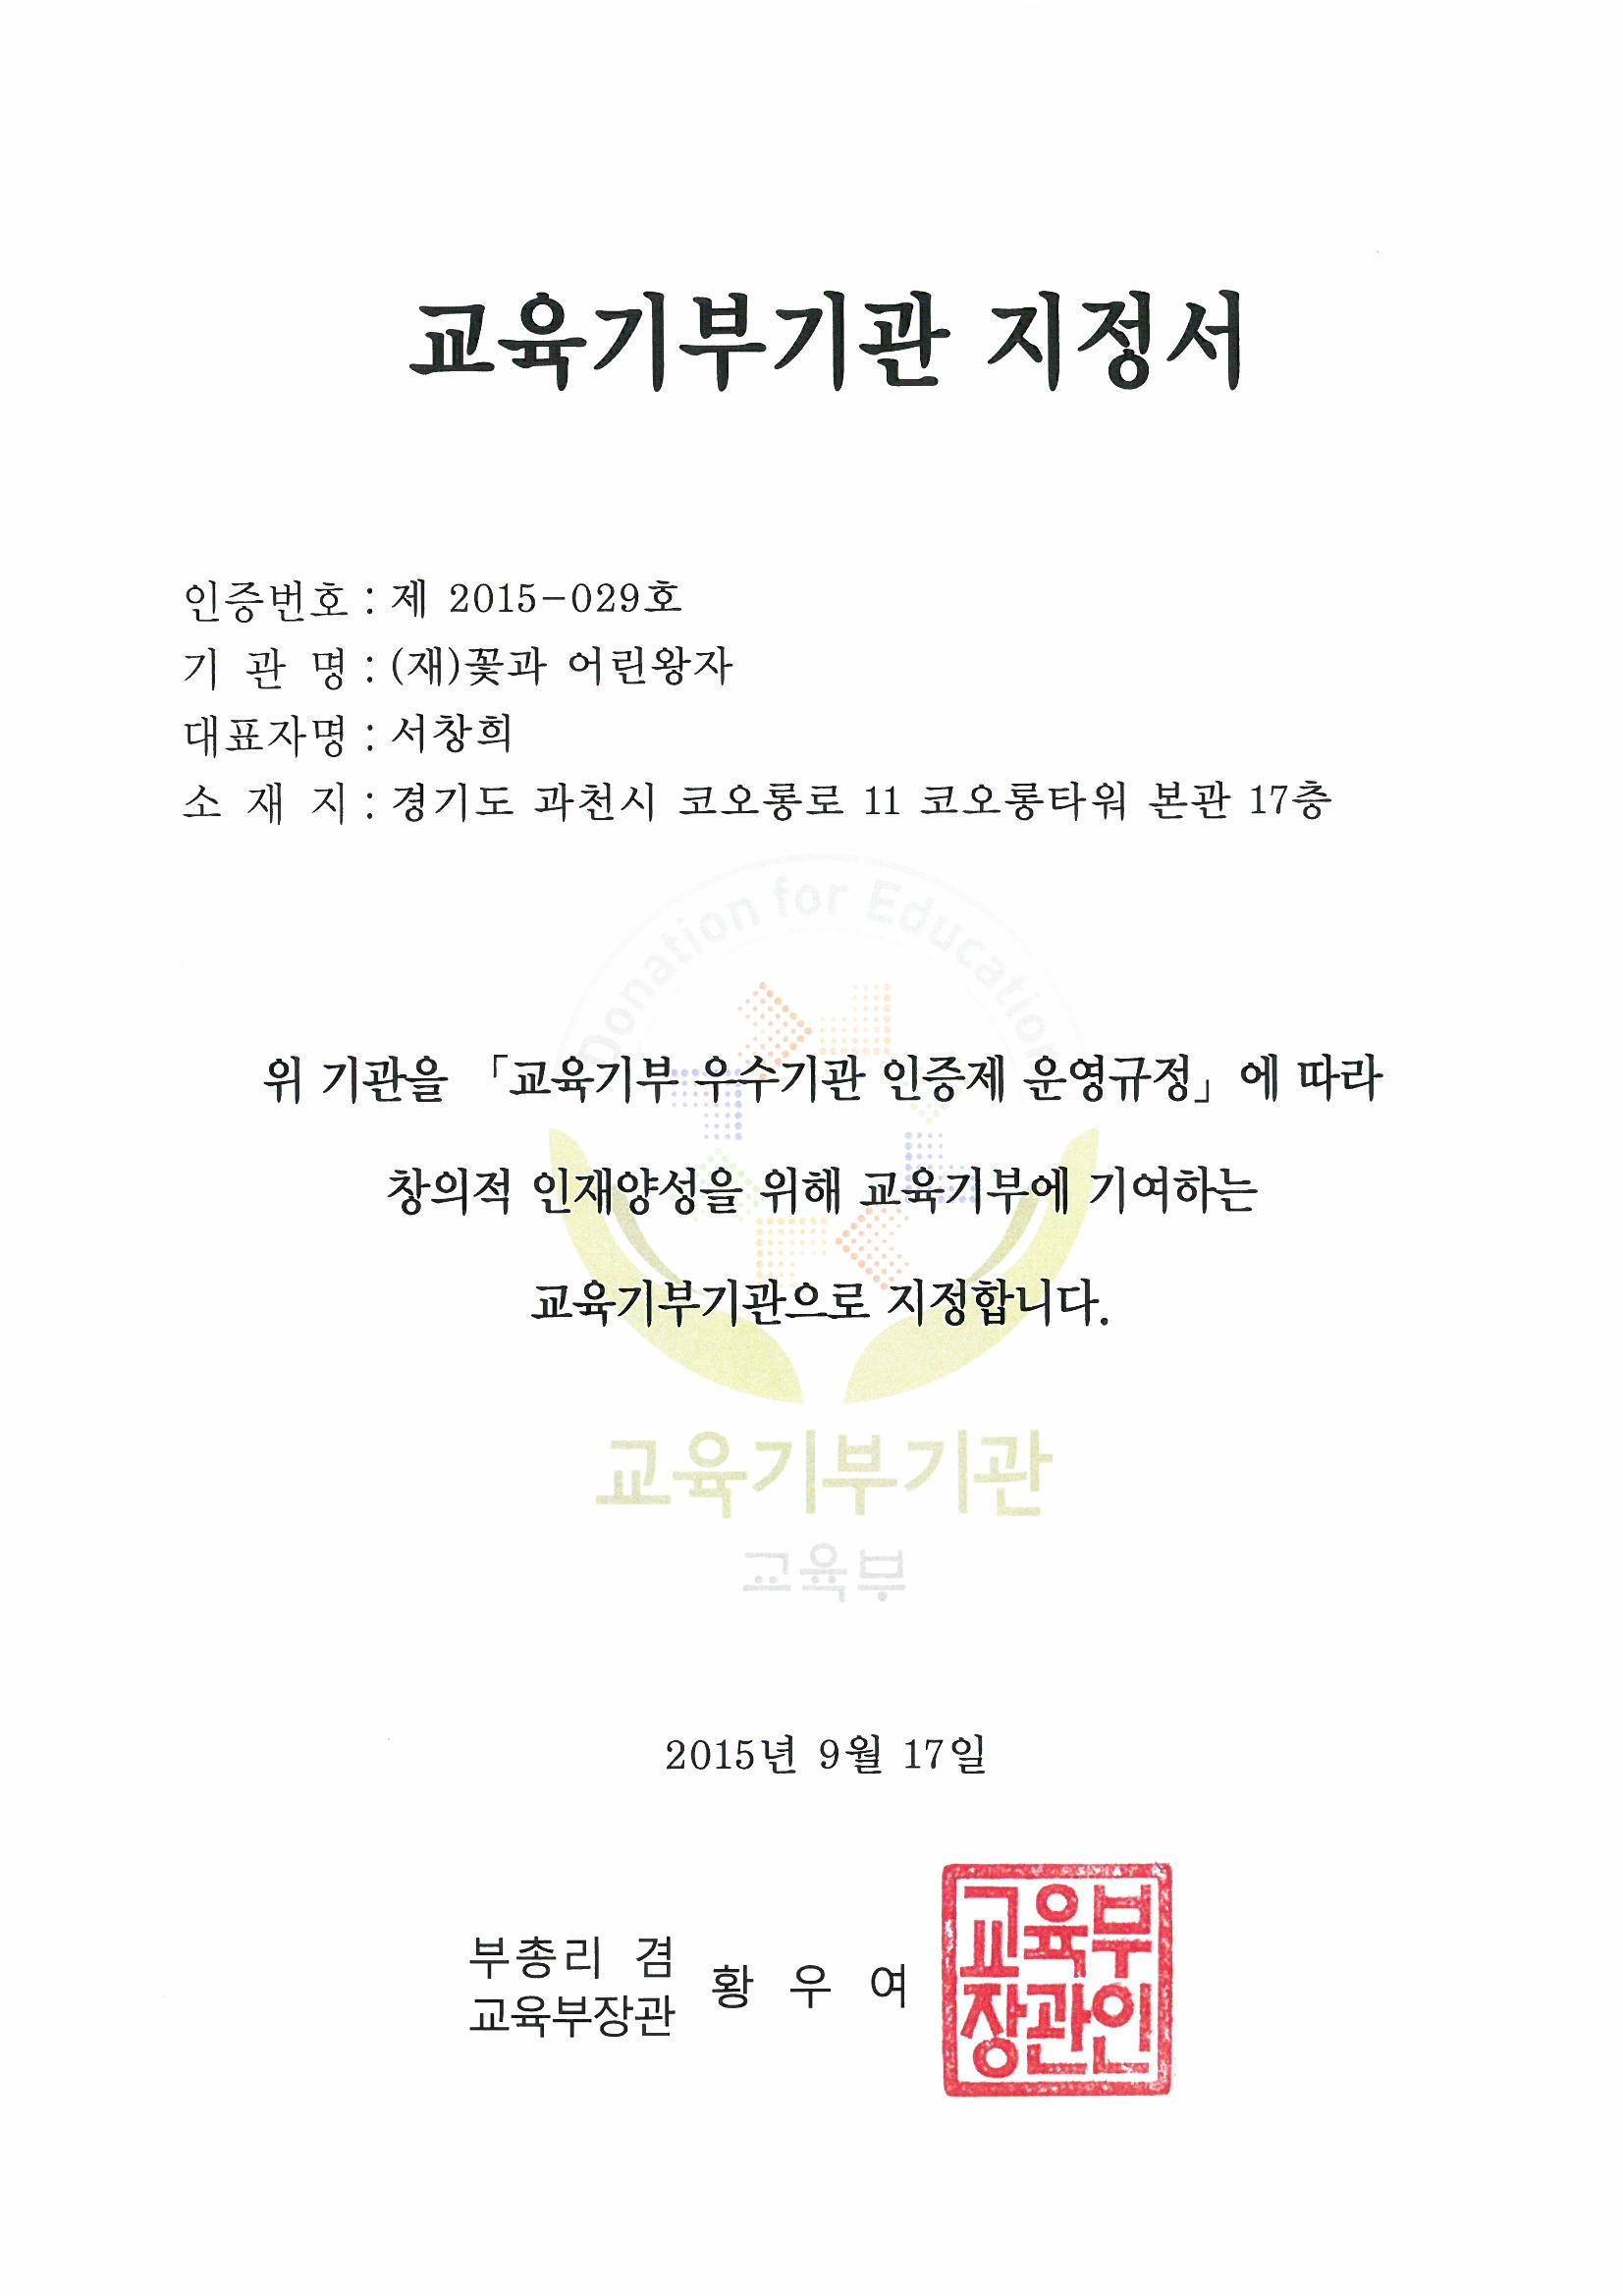 (재)꽃과어린왕자, 에코 롱롱 활동으로 교육기부 우수기관 지정!